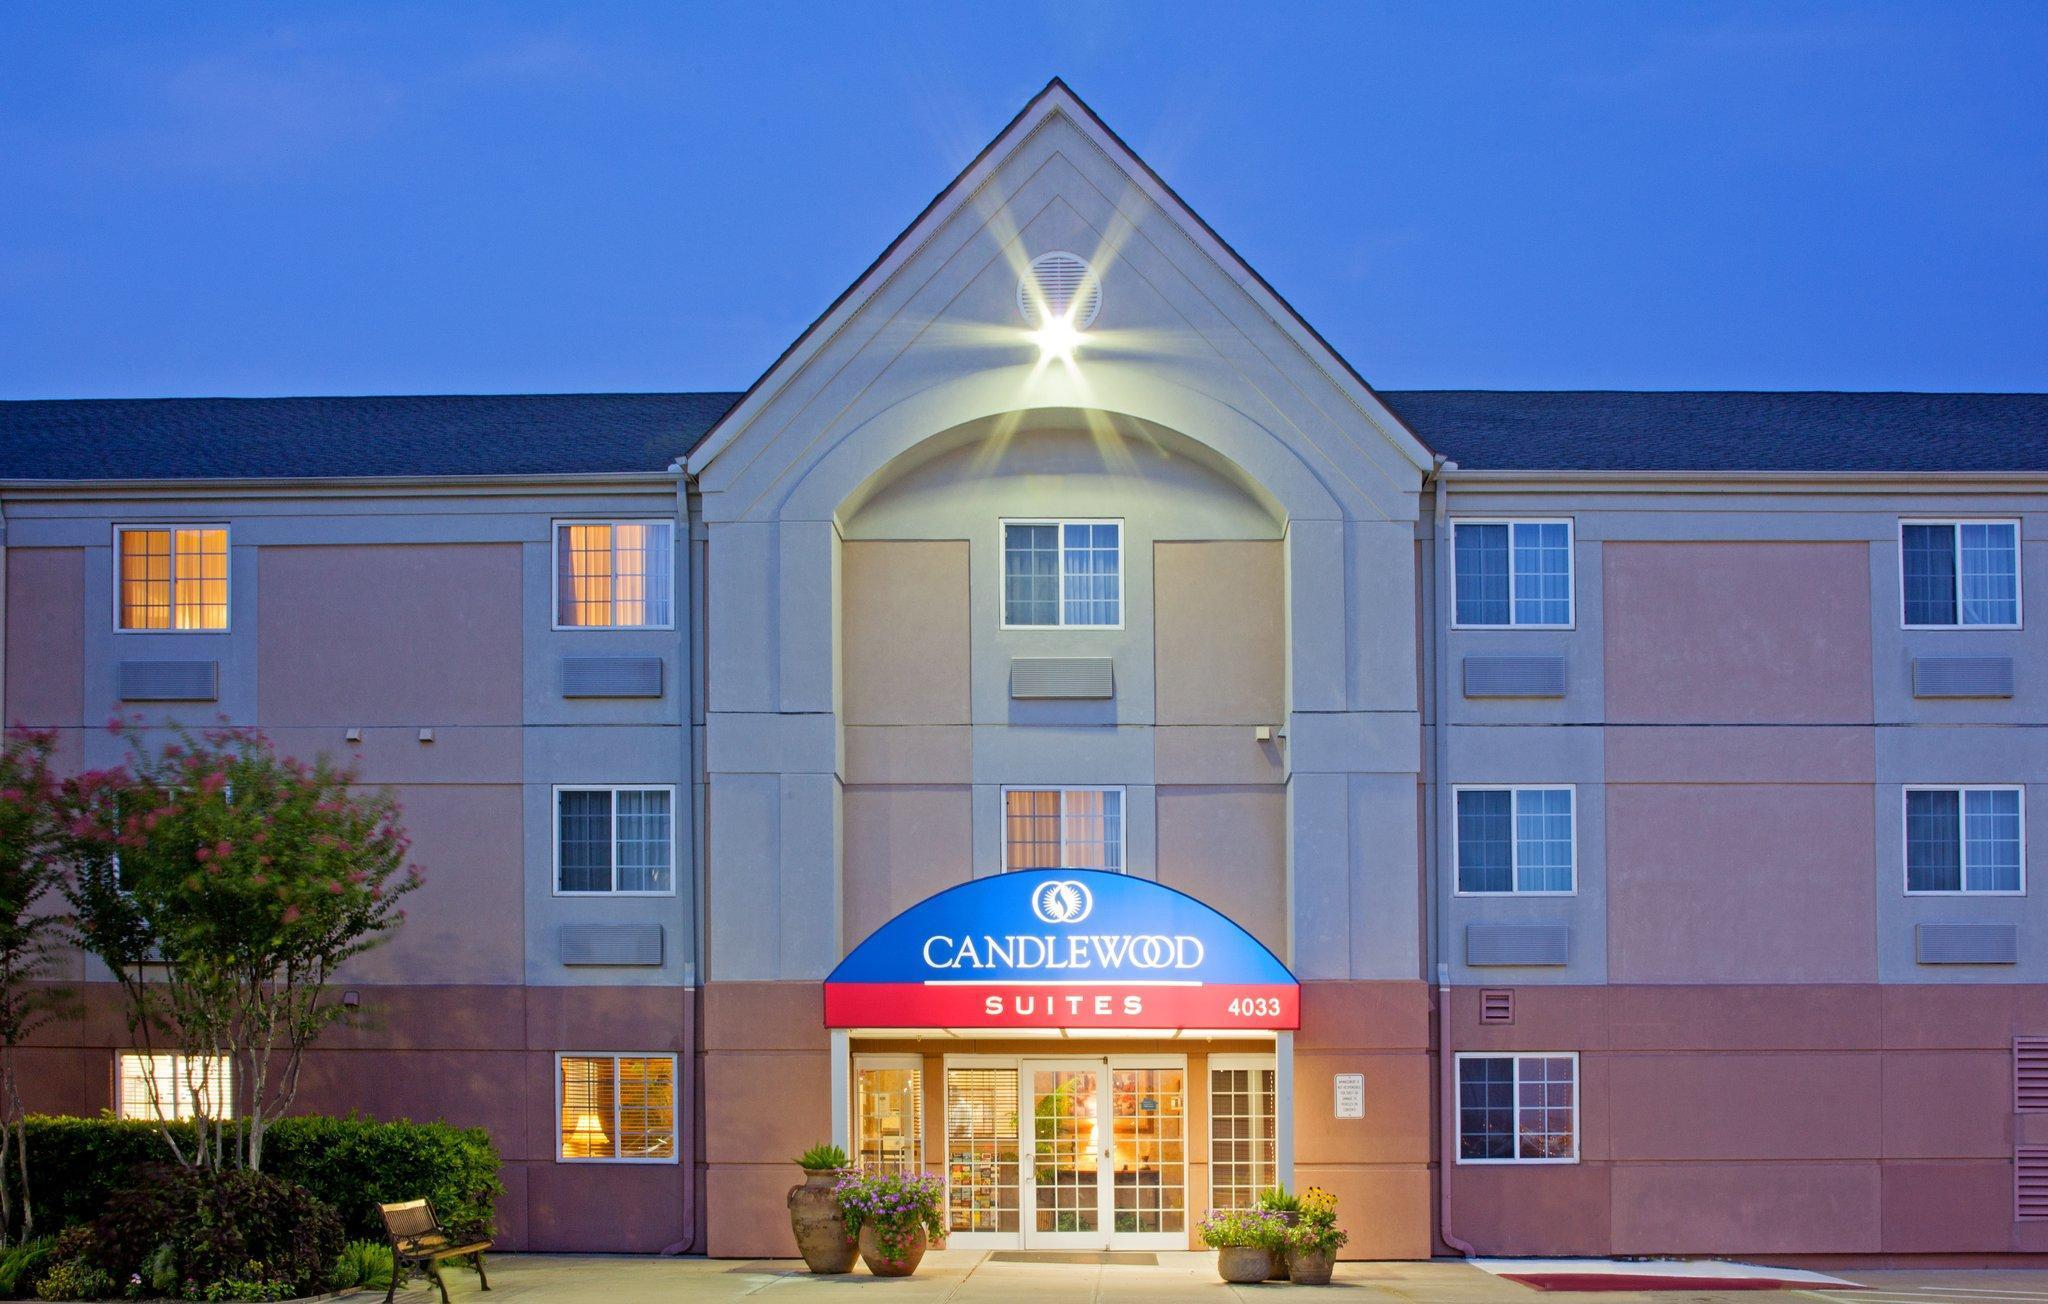 Candlewood Suites Houston - Westchase